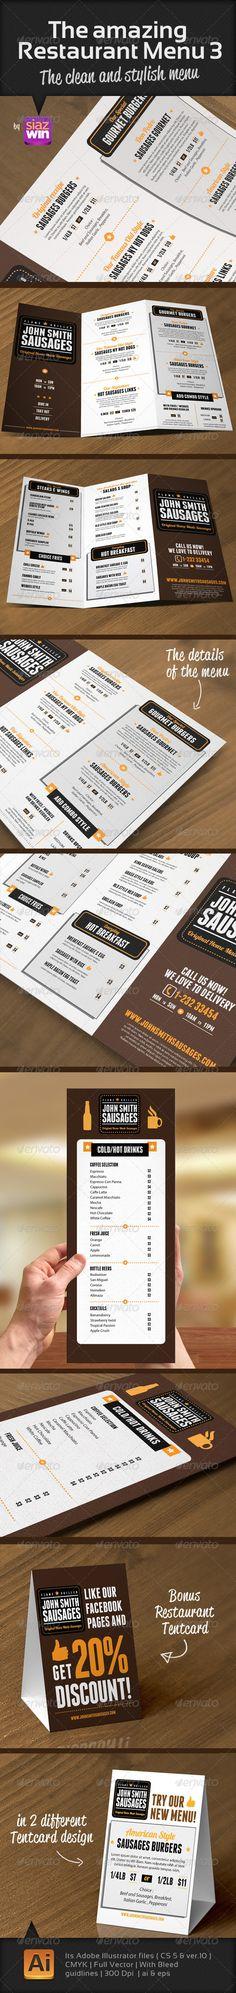 TEC_POS_ds_0005_Combopng Menu Design Pinterest